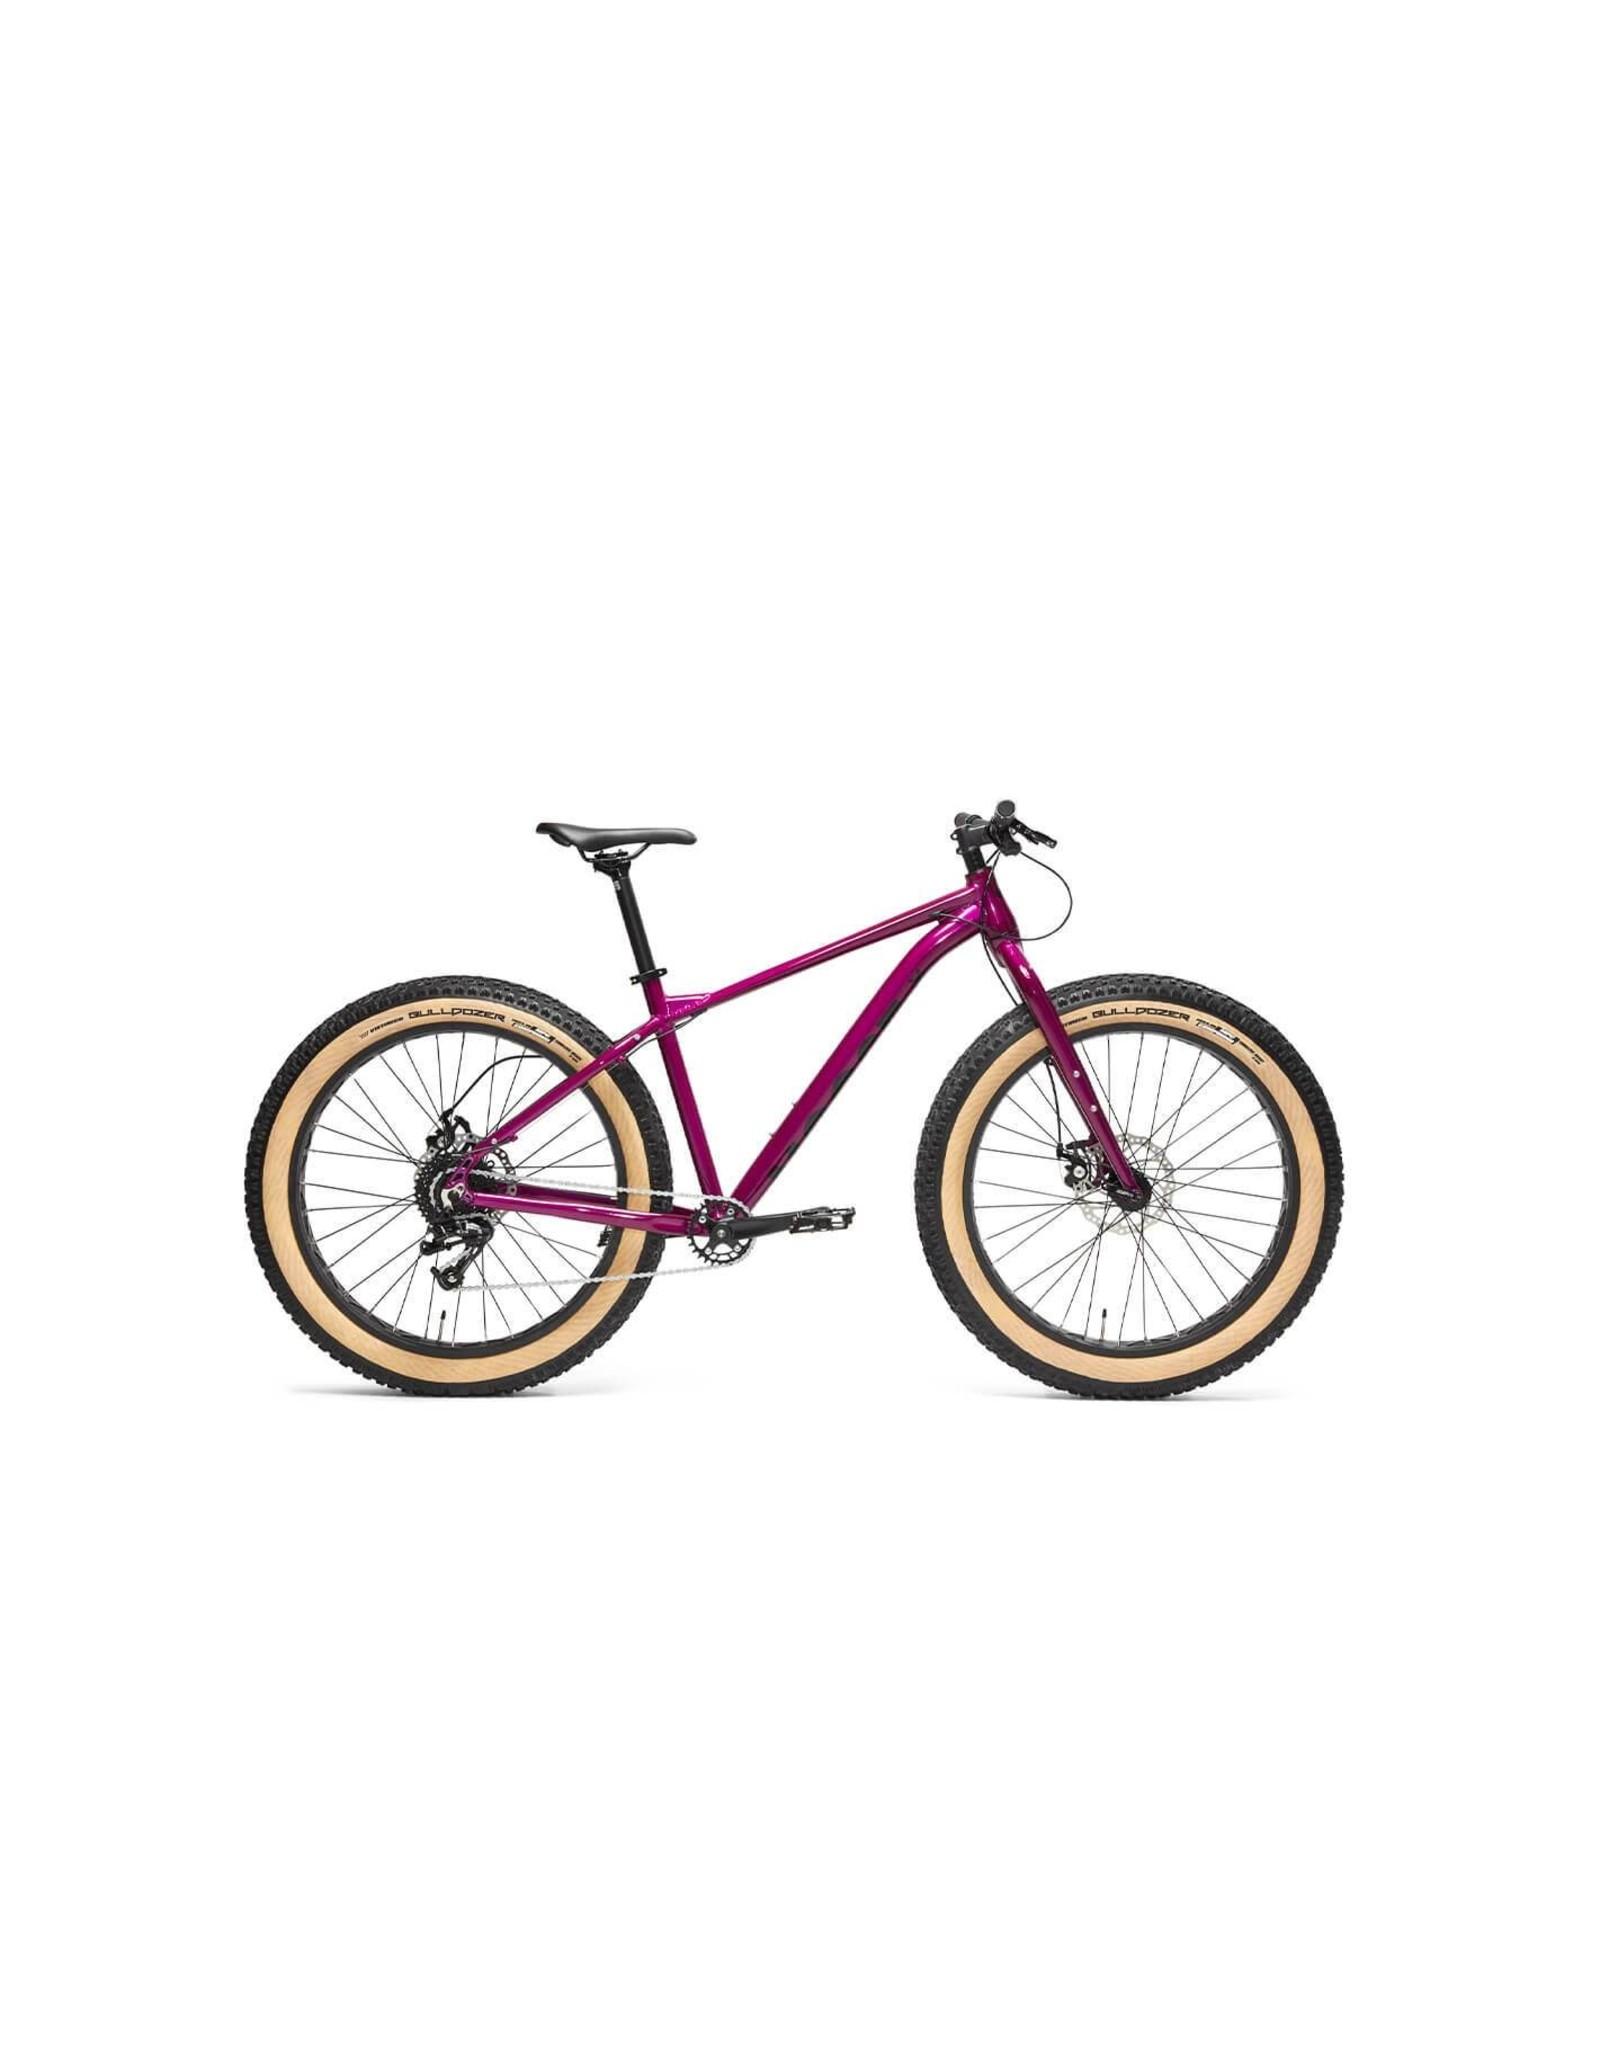 Moose 2021 Moose Fat Bike 1